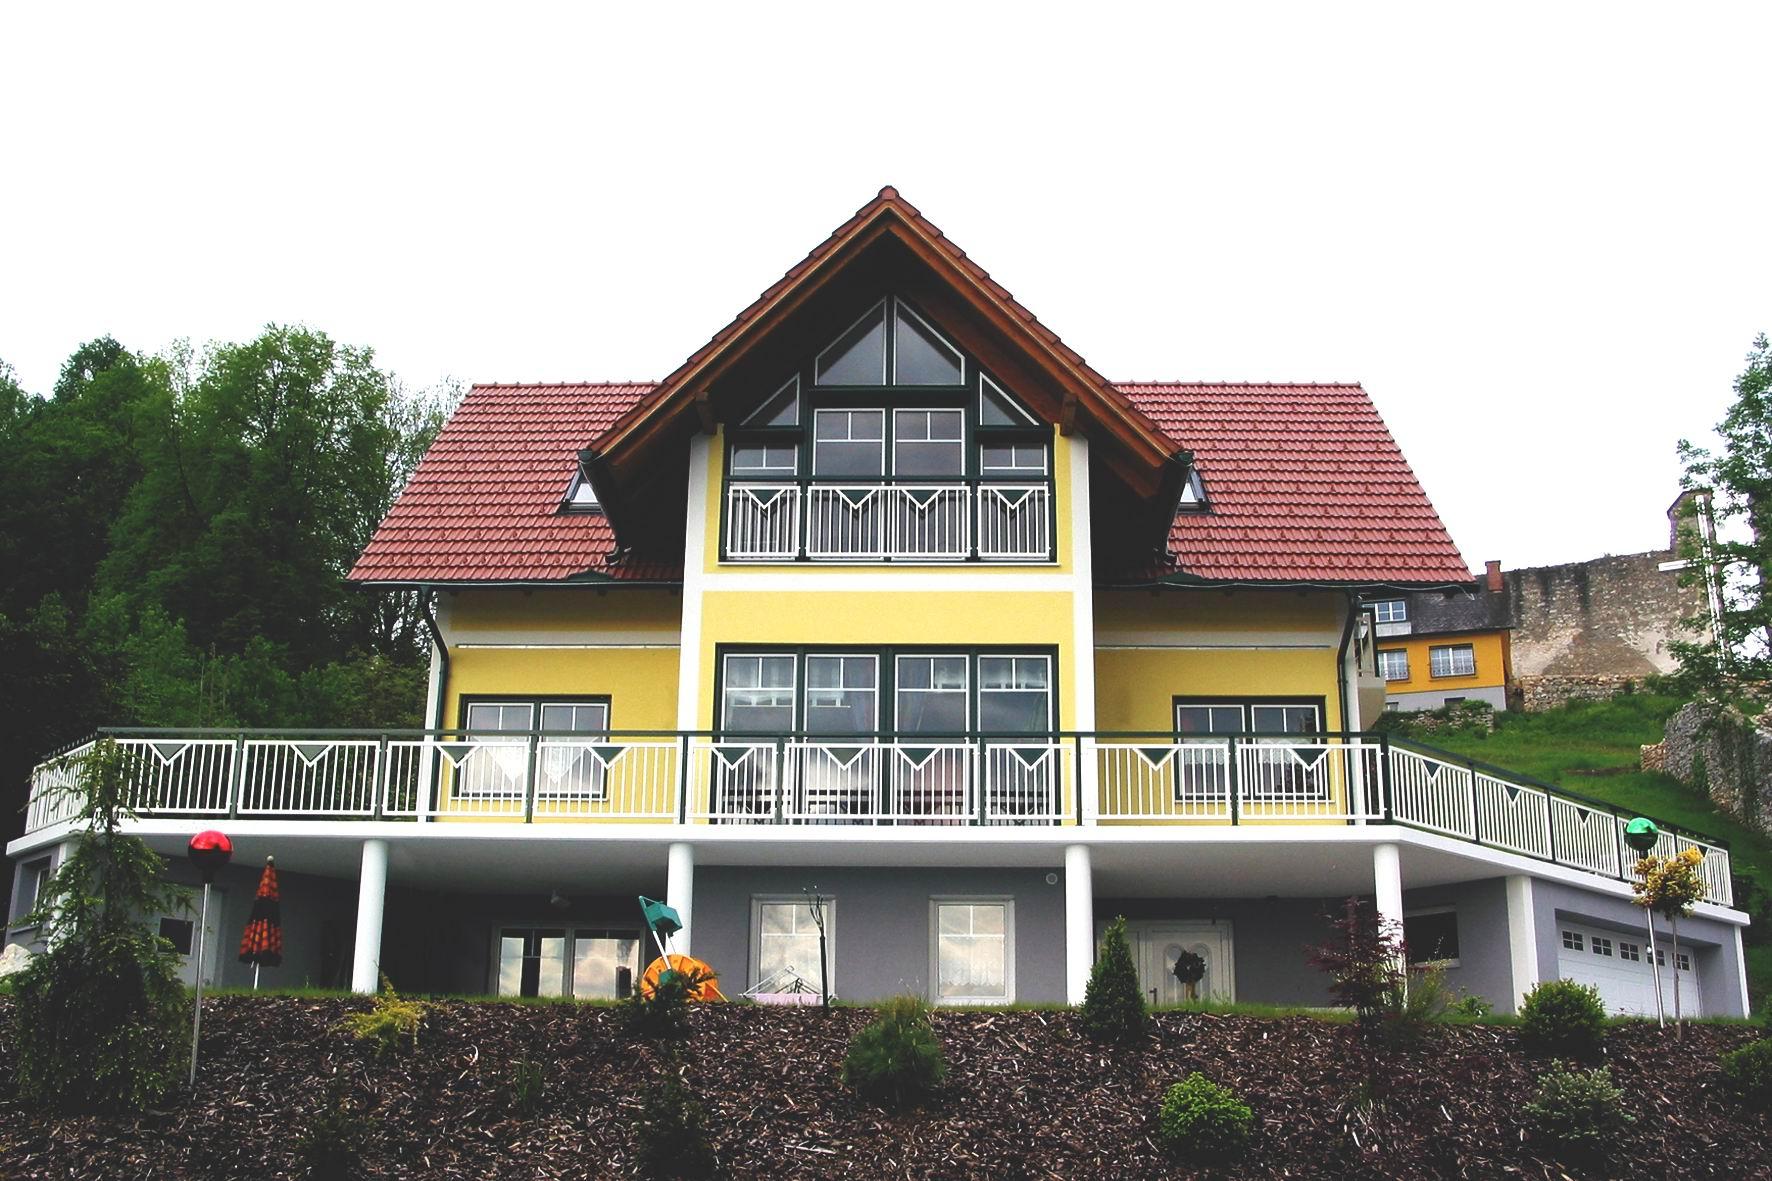 Haus 040513-01c